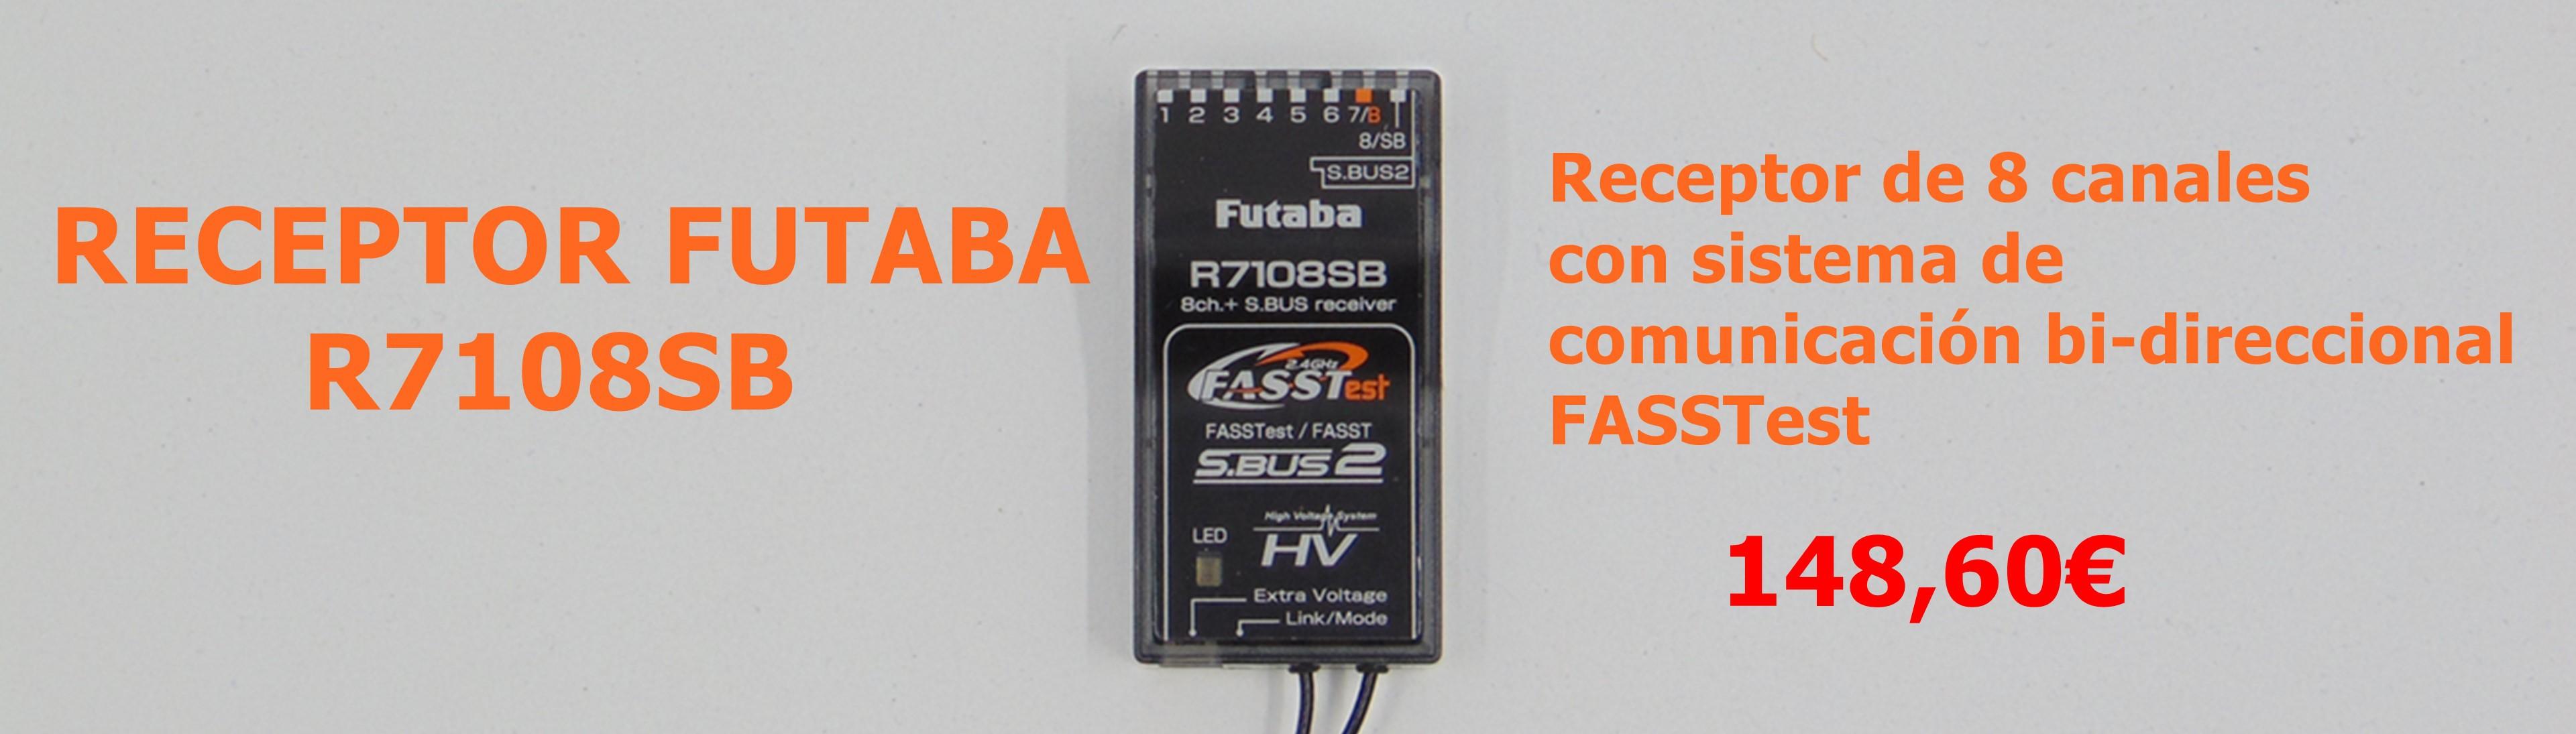 Receptor Futaba R7108SB